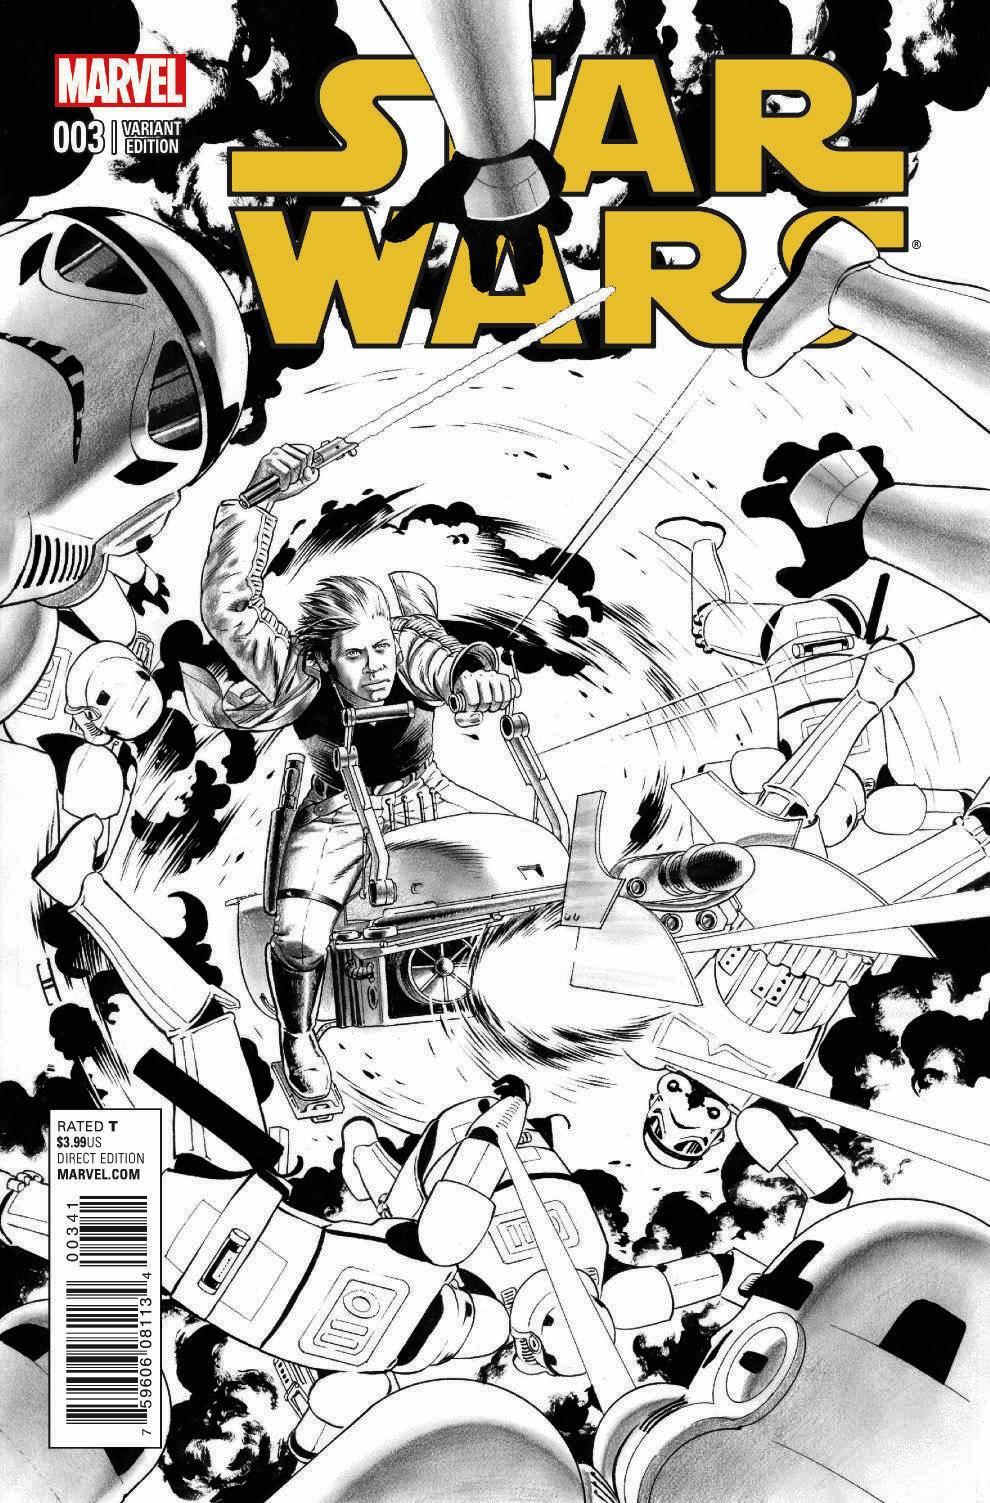 Star Wars #3 (John Cassaday Sketch Variant Cover) (11.03.2015)